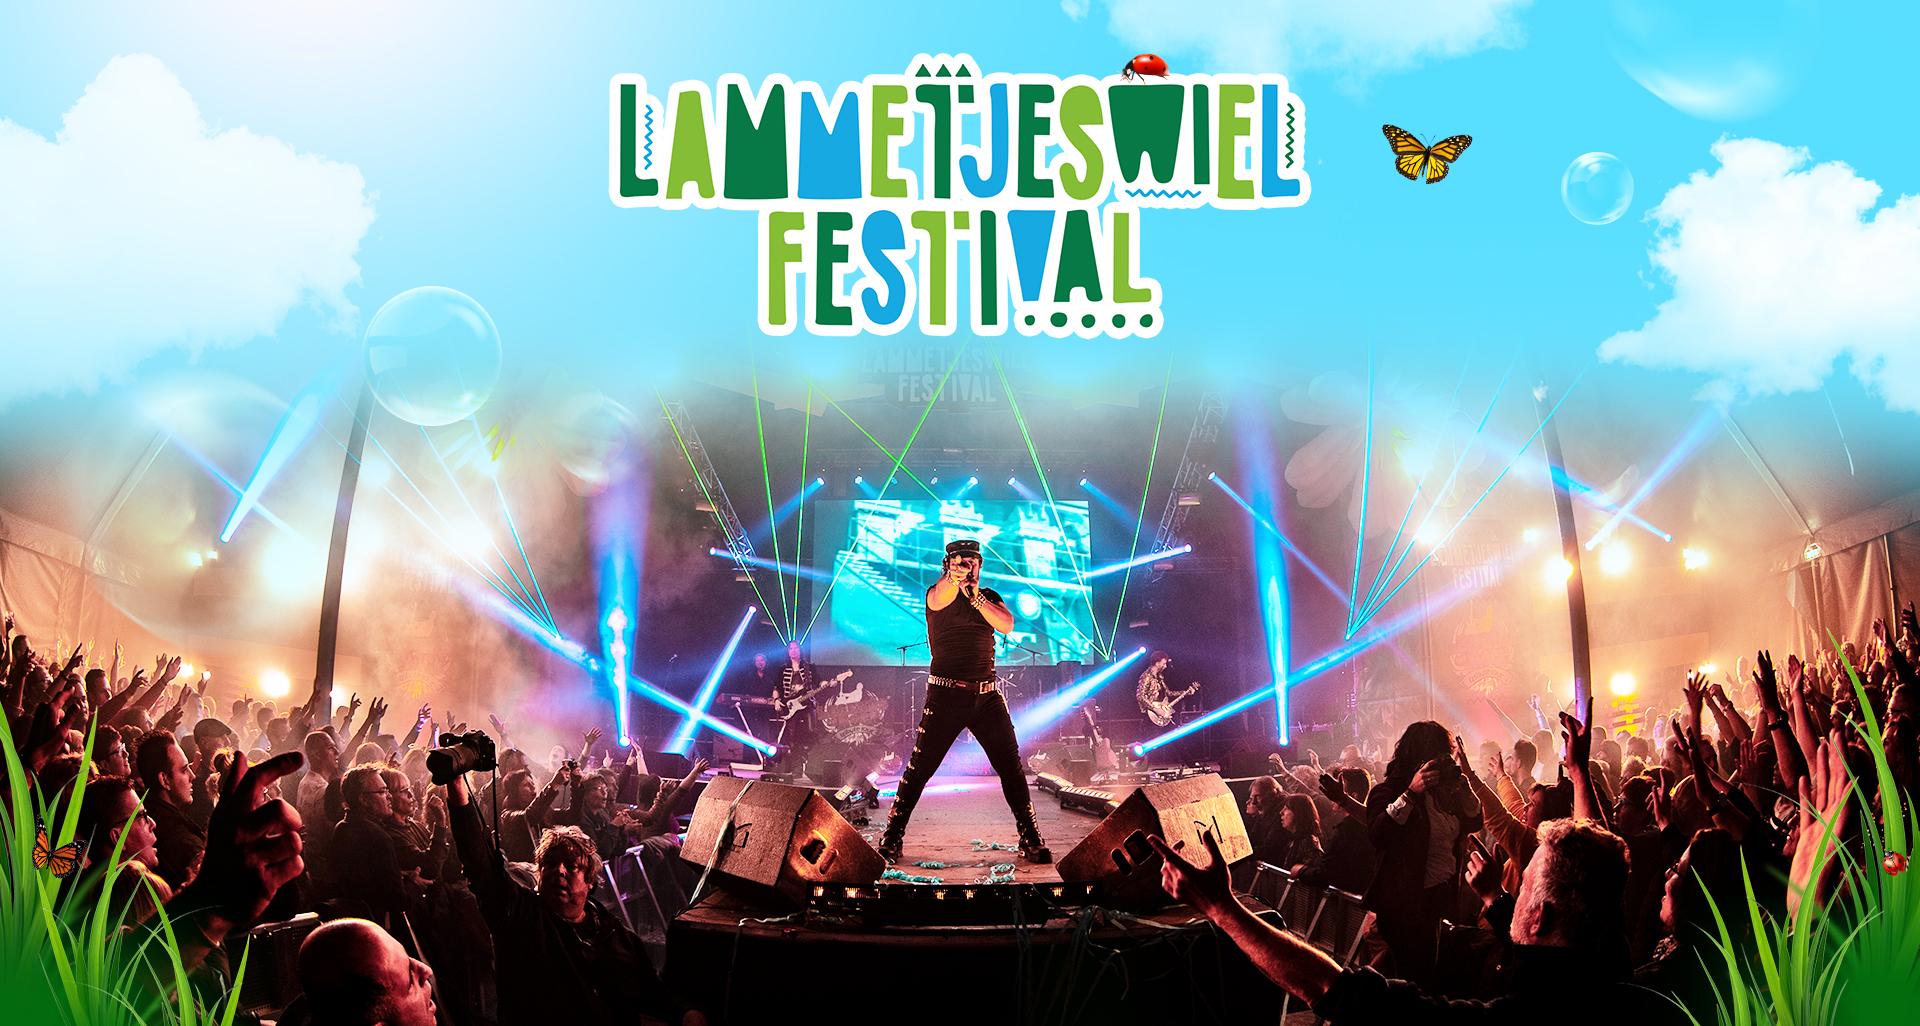 Lammetjeswiel Festival 2021